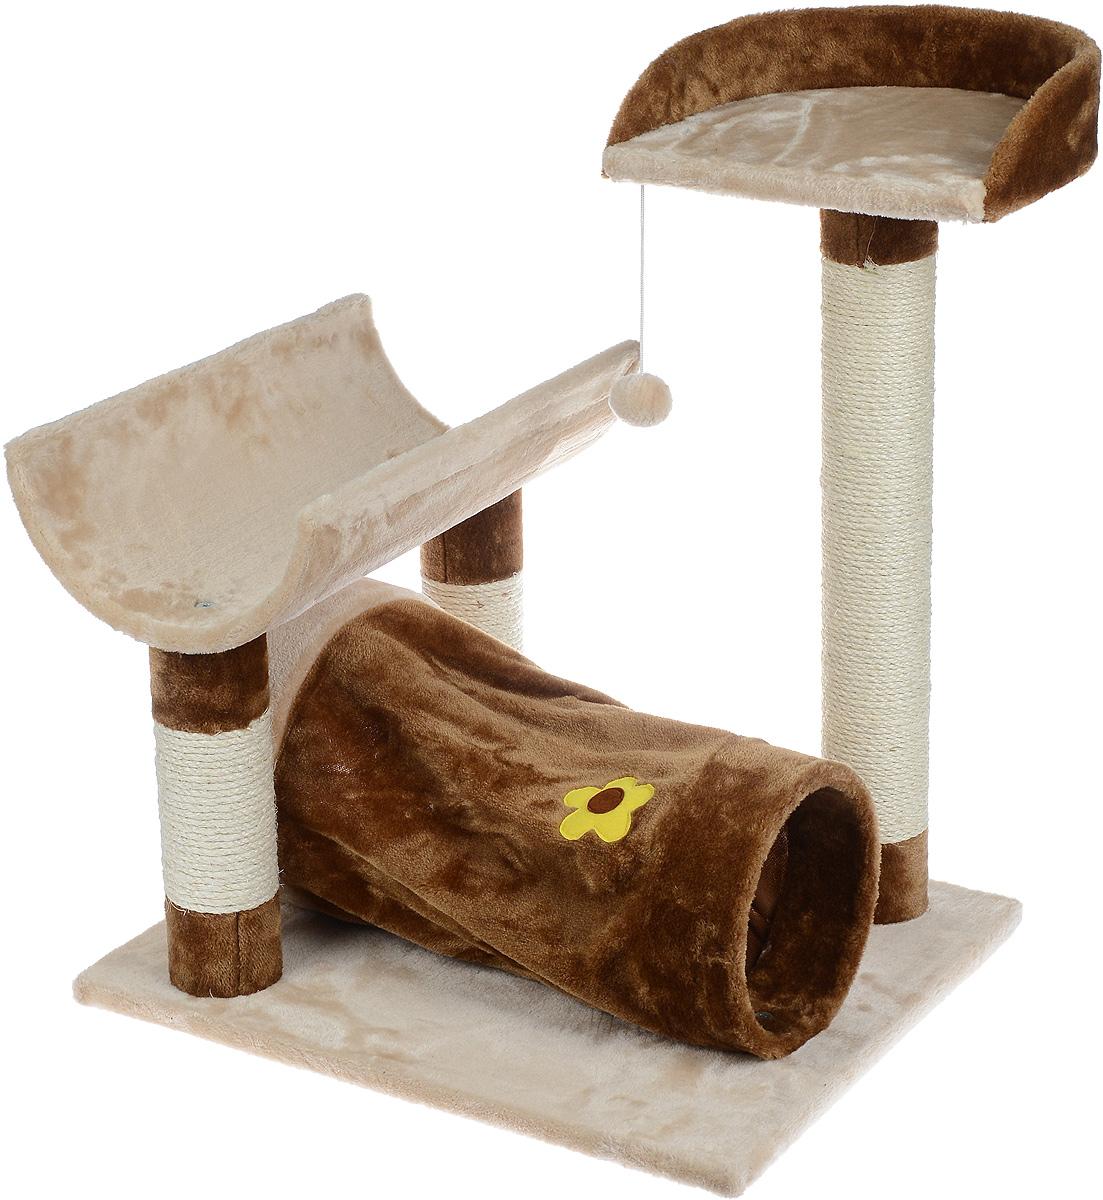 Игровой комплекс для кошек Aimigou, цвет: коричневый, бежевый, 59 х 49 х 72 смQQ80413Игровой комплекс для кошек Aimigou выполнен из высококачественного ДСП и обтянут искусственным мехом. Изделие предназначено для кошек. Ваш домашний питомец будет с удовольствием точить когти о специальные столбики, изготовленные из сизаля. А отдохнуть он сможет либо на полках, либо в трубе. На одной из полок расположена игрушка, которая еще сильнее привлечет внимание питомца. Общий размер: 59 х 49 х 72 см. Размер основания: 59 х 49 см. Размер нижней полки: 48 х 28 см. Размер верхней полки: 31 х 31 см. Размер трубы: 51 х 27 х 27 см.